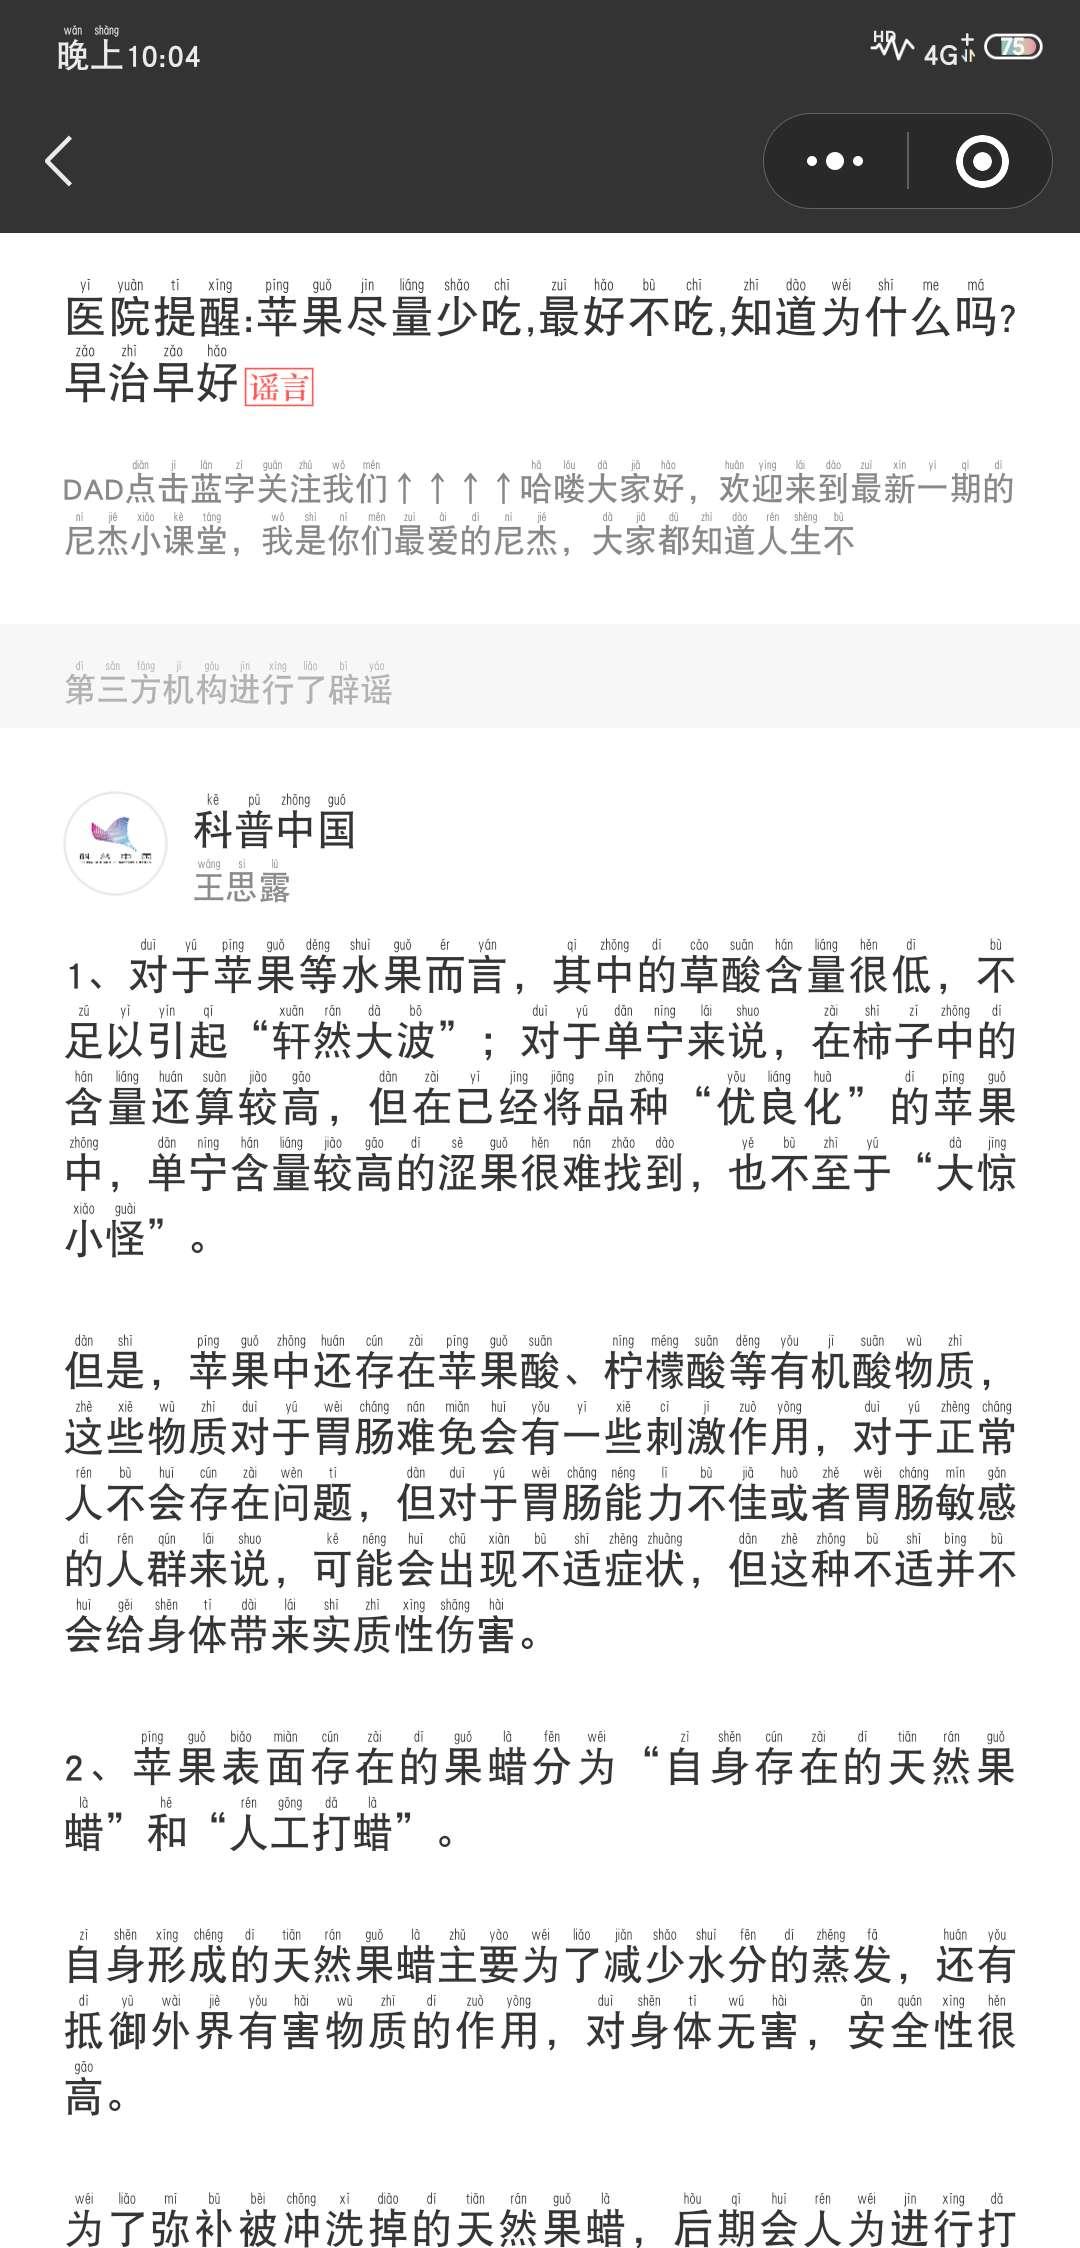 【小程序】微信辟谣助手 搜索识别谣言,接收辟谣提醒 微信小程序-爱小助